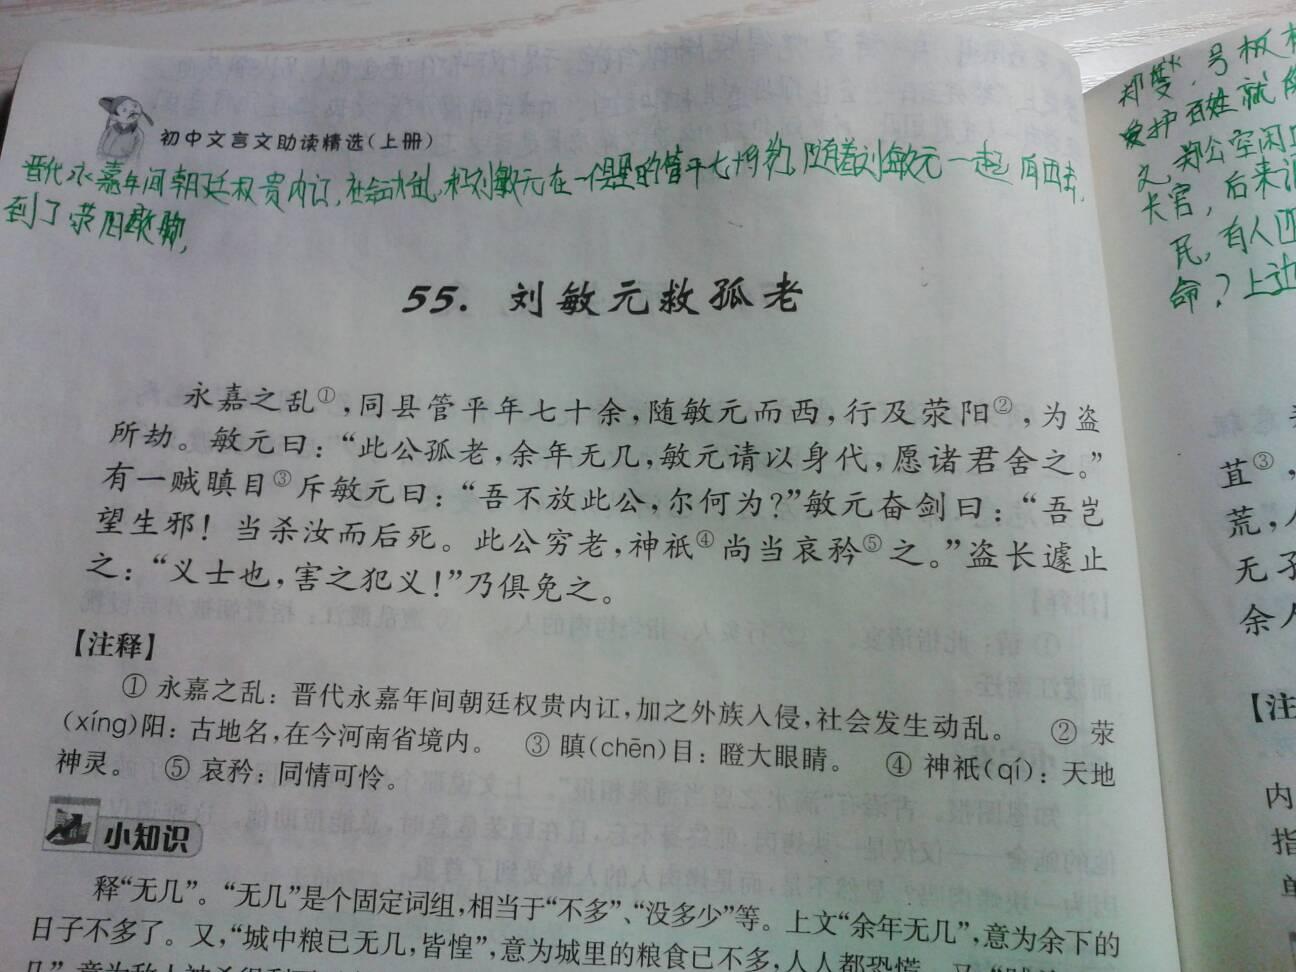 此文言文怎么翻译? thank图片